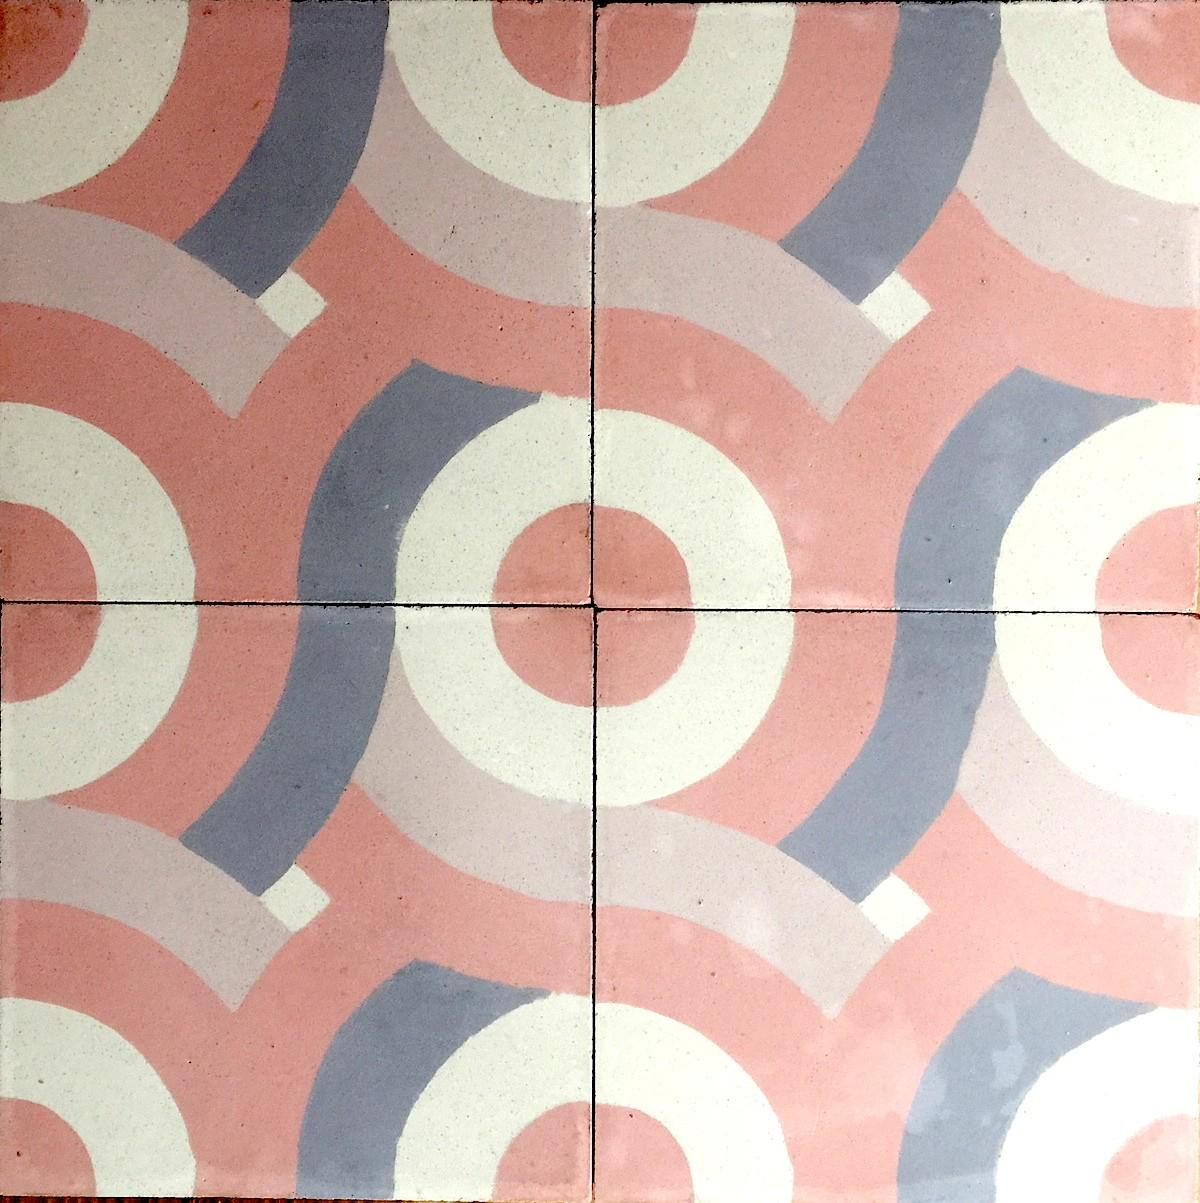 Carrelage Carreaux Ciment Sol Et Mur 1m2 Modele Manon Carrelage